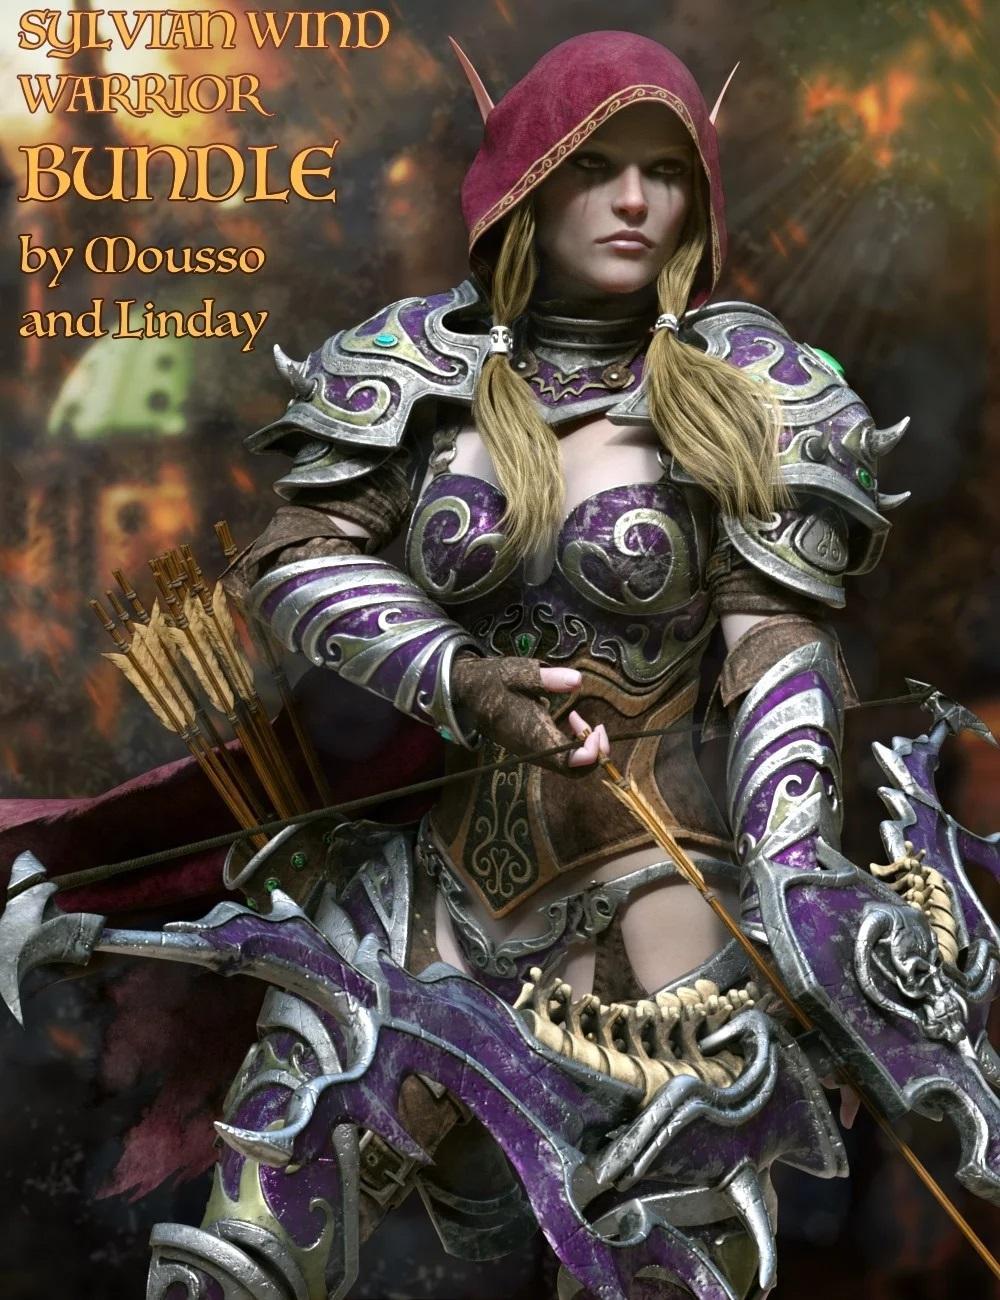 Sylvian Wind Warrior Bundle